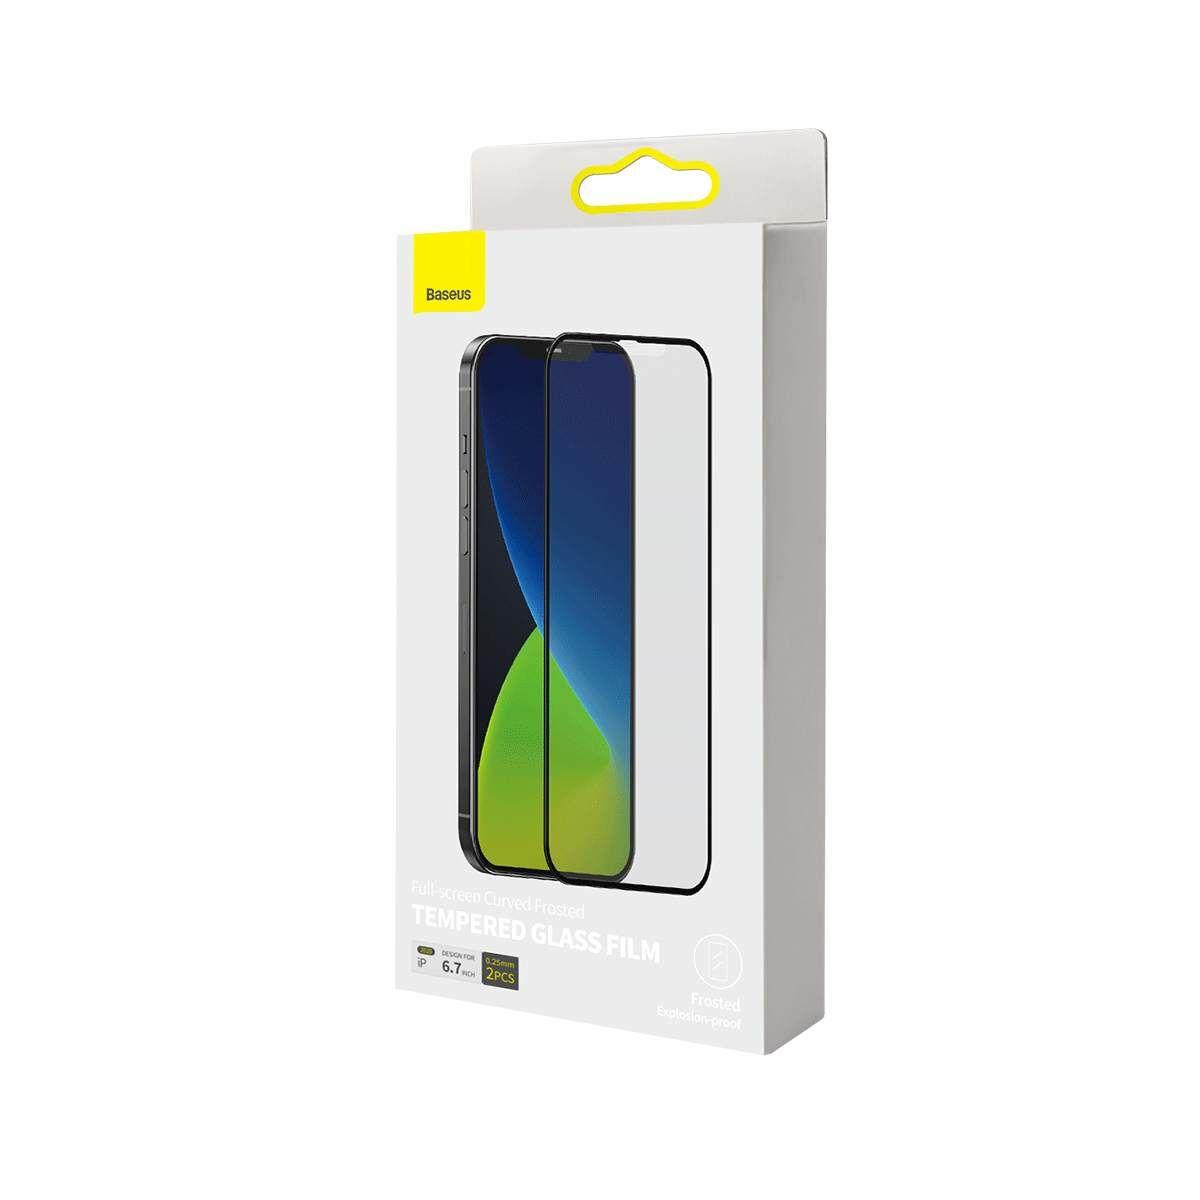 Baseus iPhone 12 Pro Max 0.25 mm, teljes felületre, lekerekített, matt edzett üveg (2db), fekete (SGAPIPH67N-KM01)